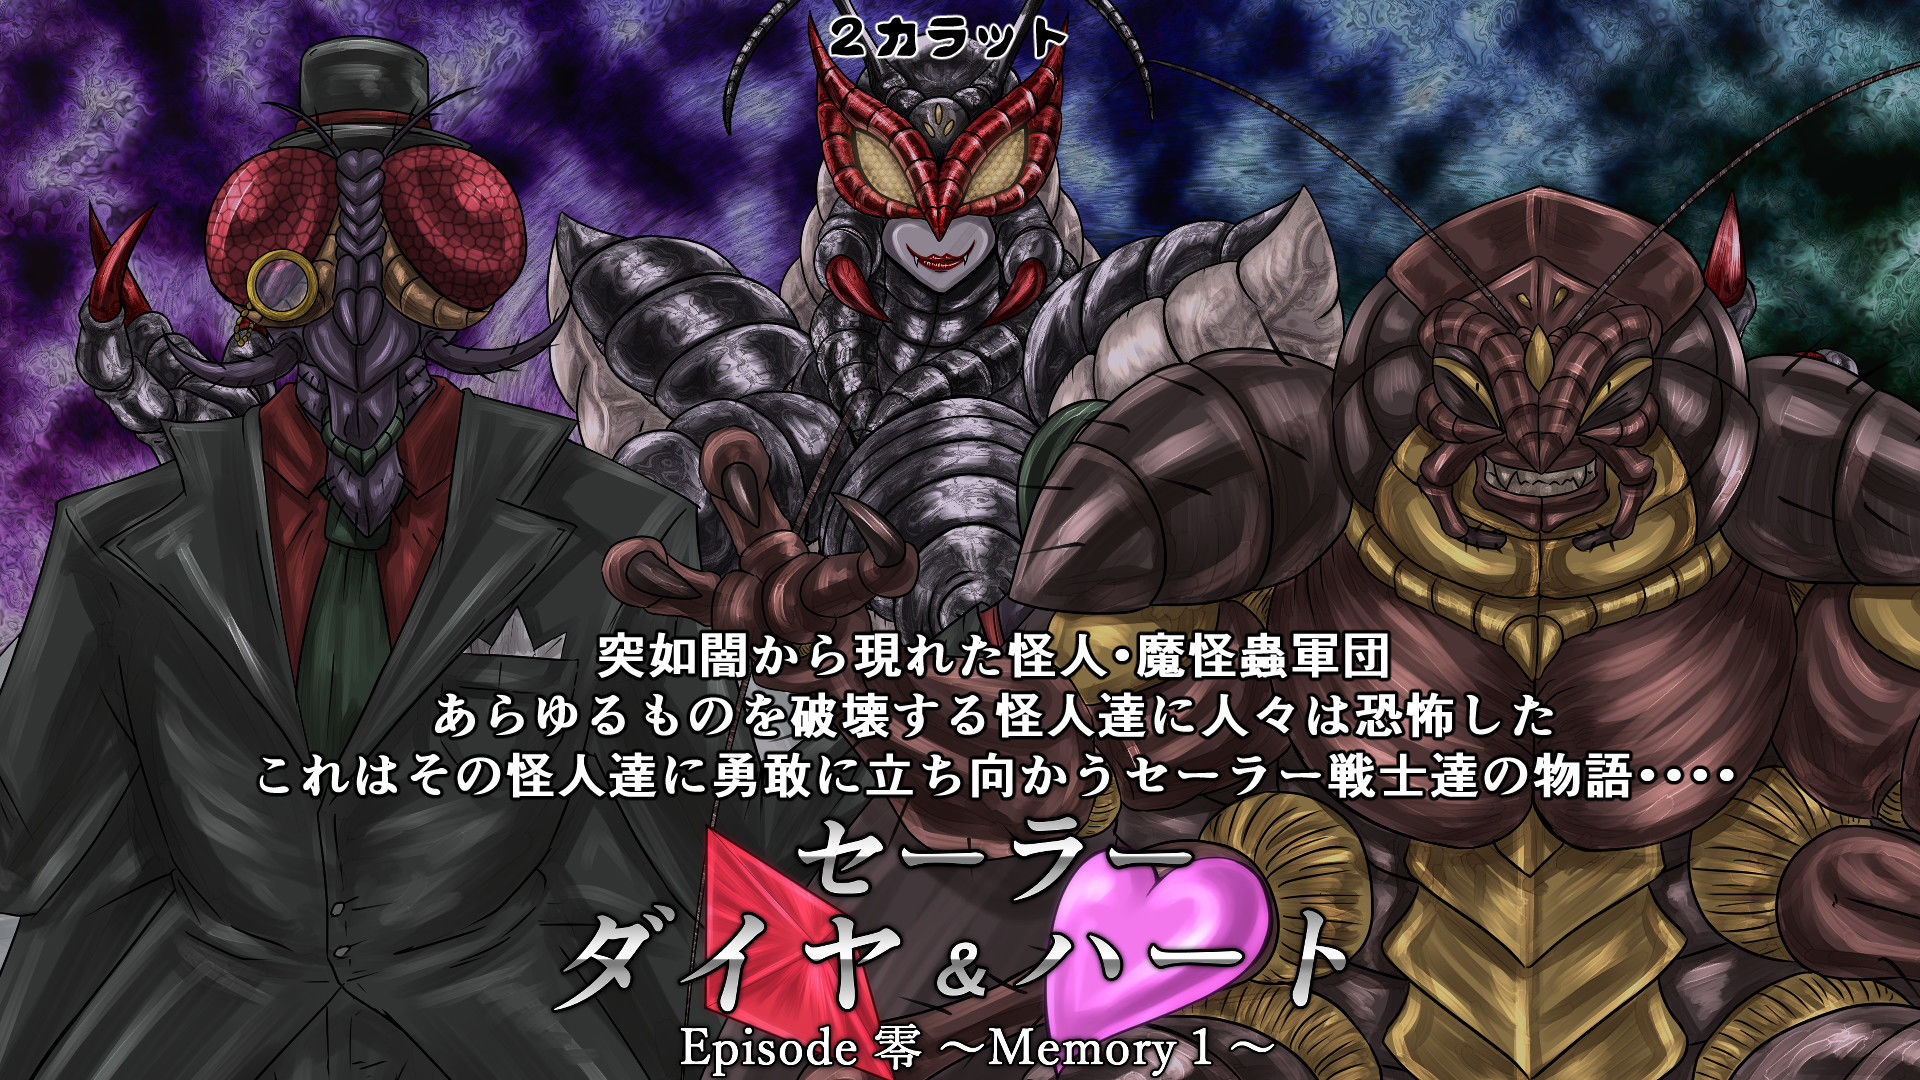 セーラーダイヤ&ハート Episode零 ~Memory1~ エロ画像